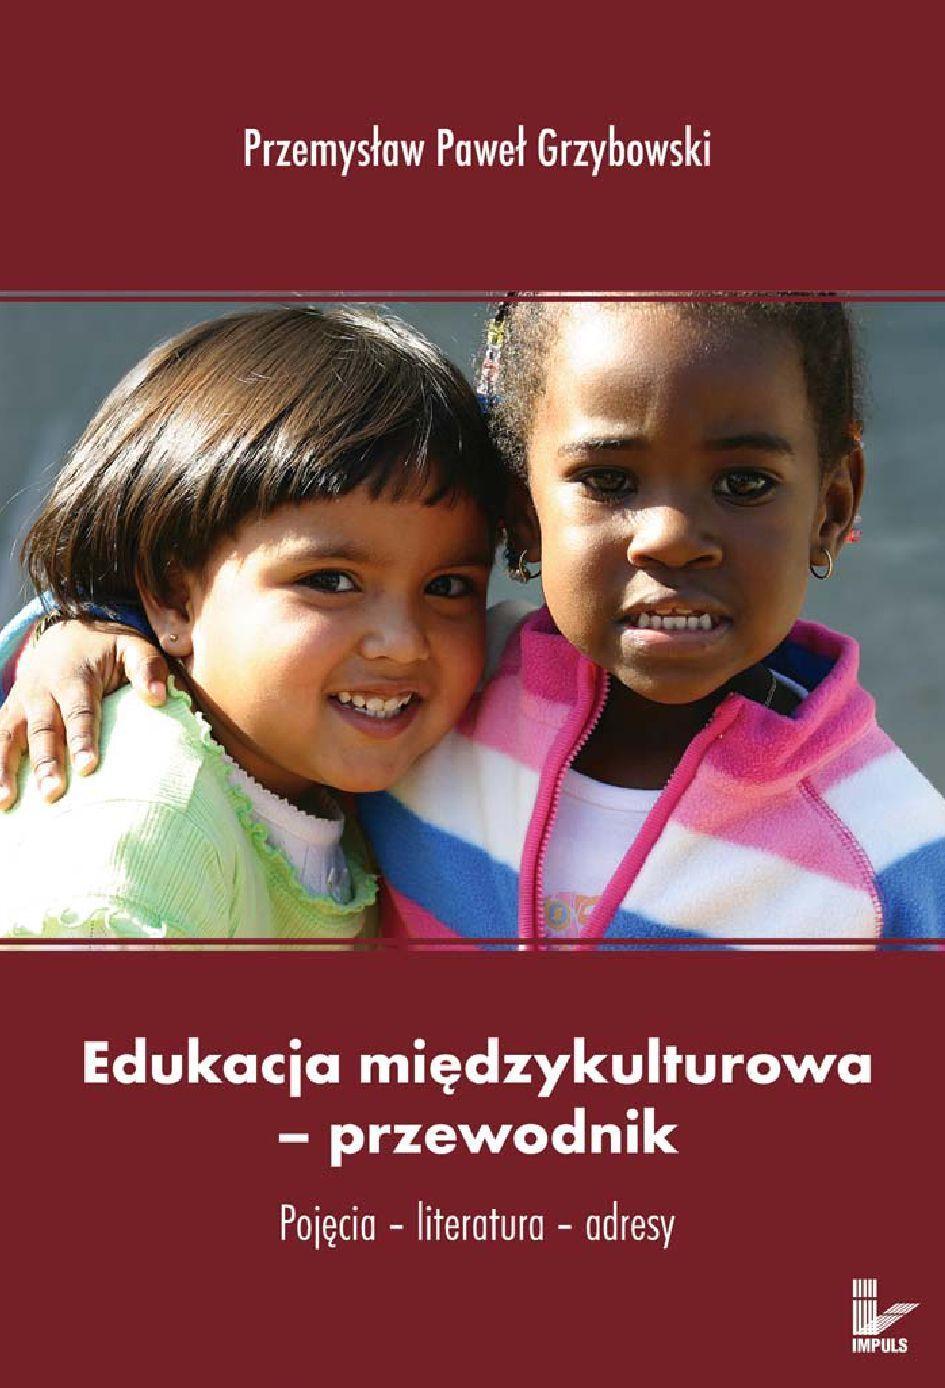 Edukacja międzykulturowa - przewodnik - Ebook (Książka na Kindle) do pobrania w formacie MOBI